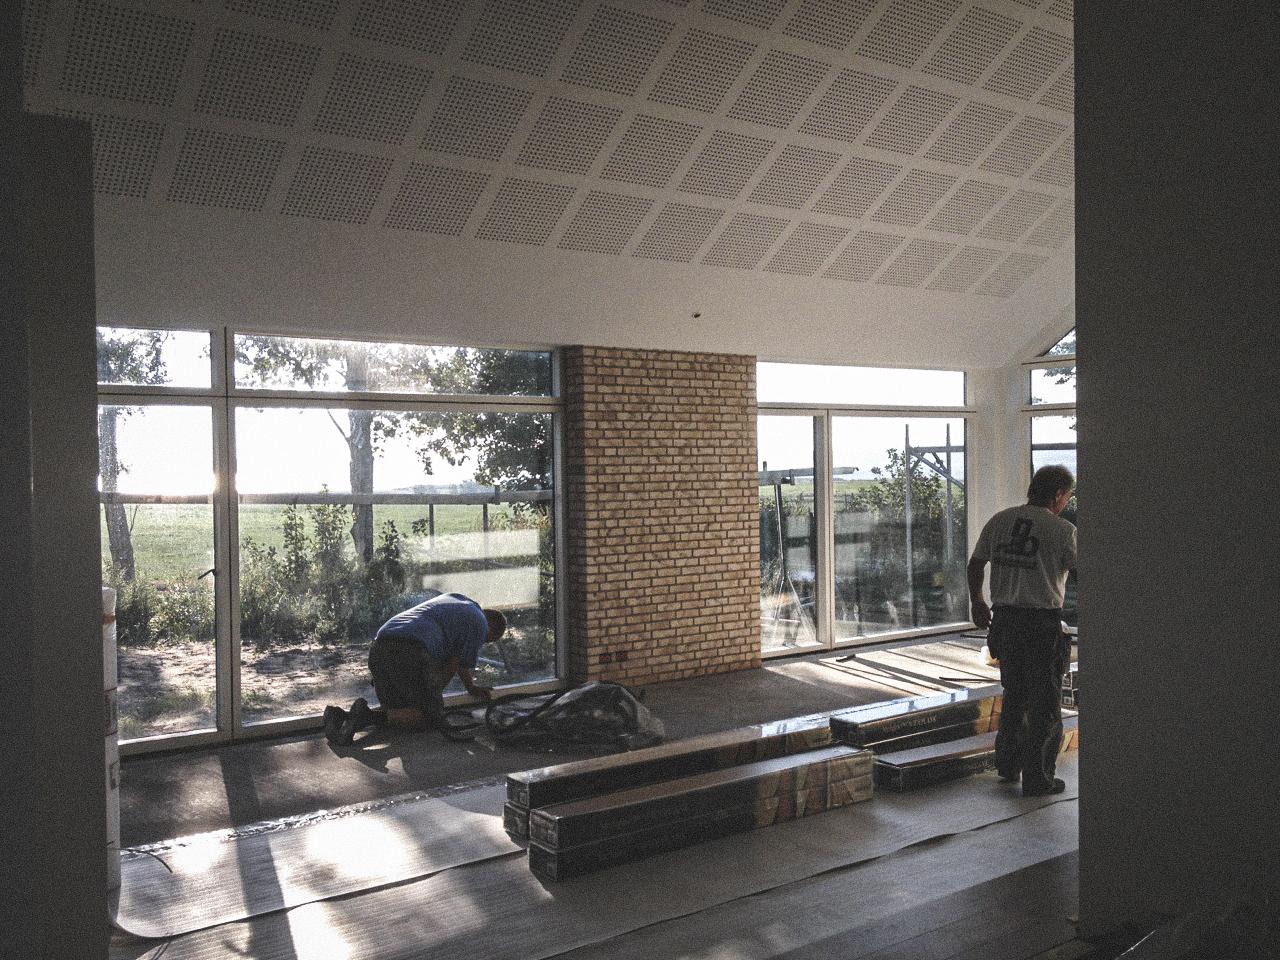 Billede af et igangværende byggeri i Status Nibe/Valsted, tegnet af arkitektfirmaet m2plus.